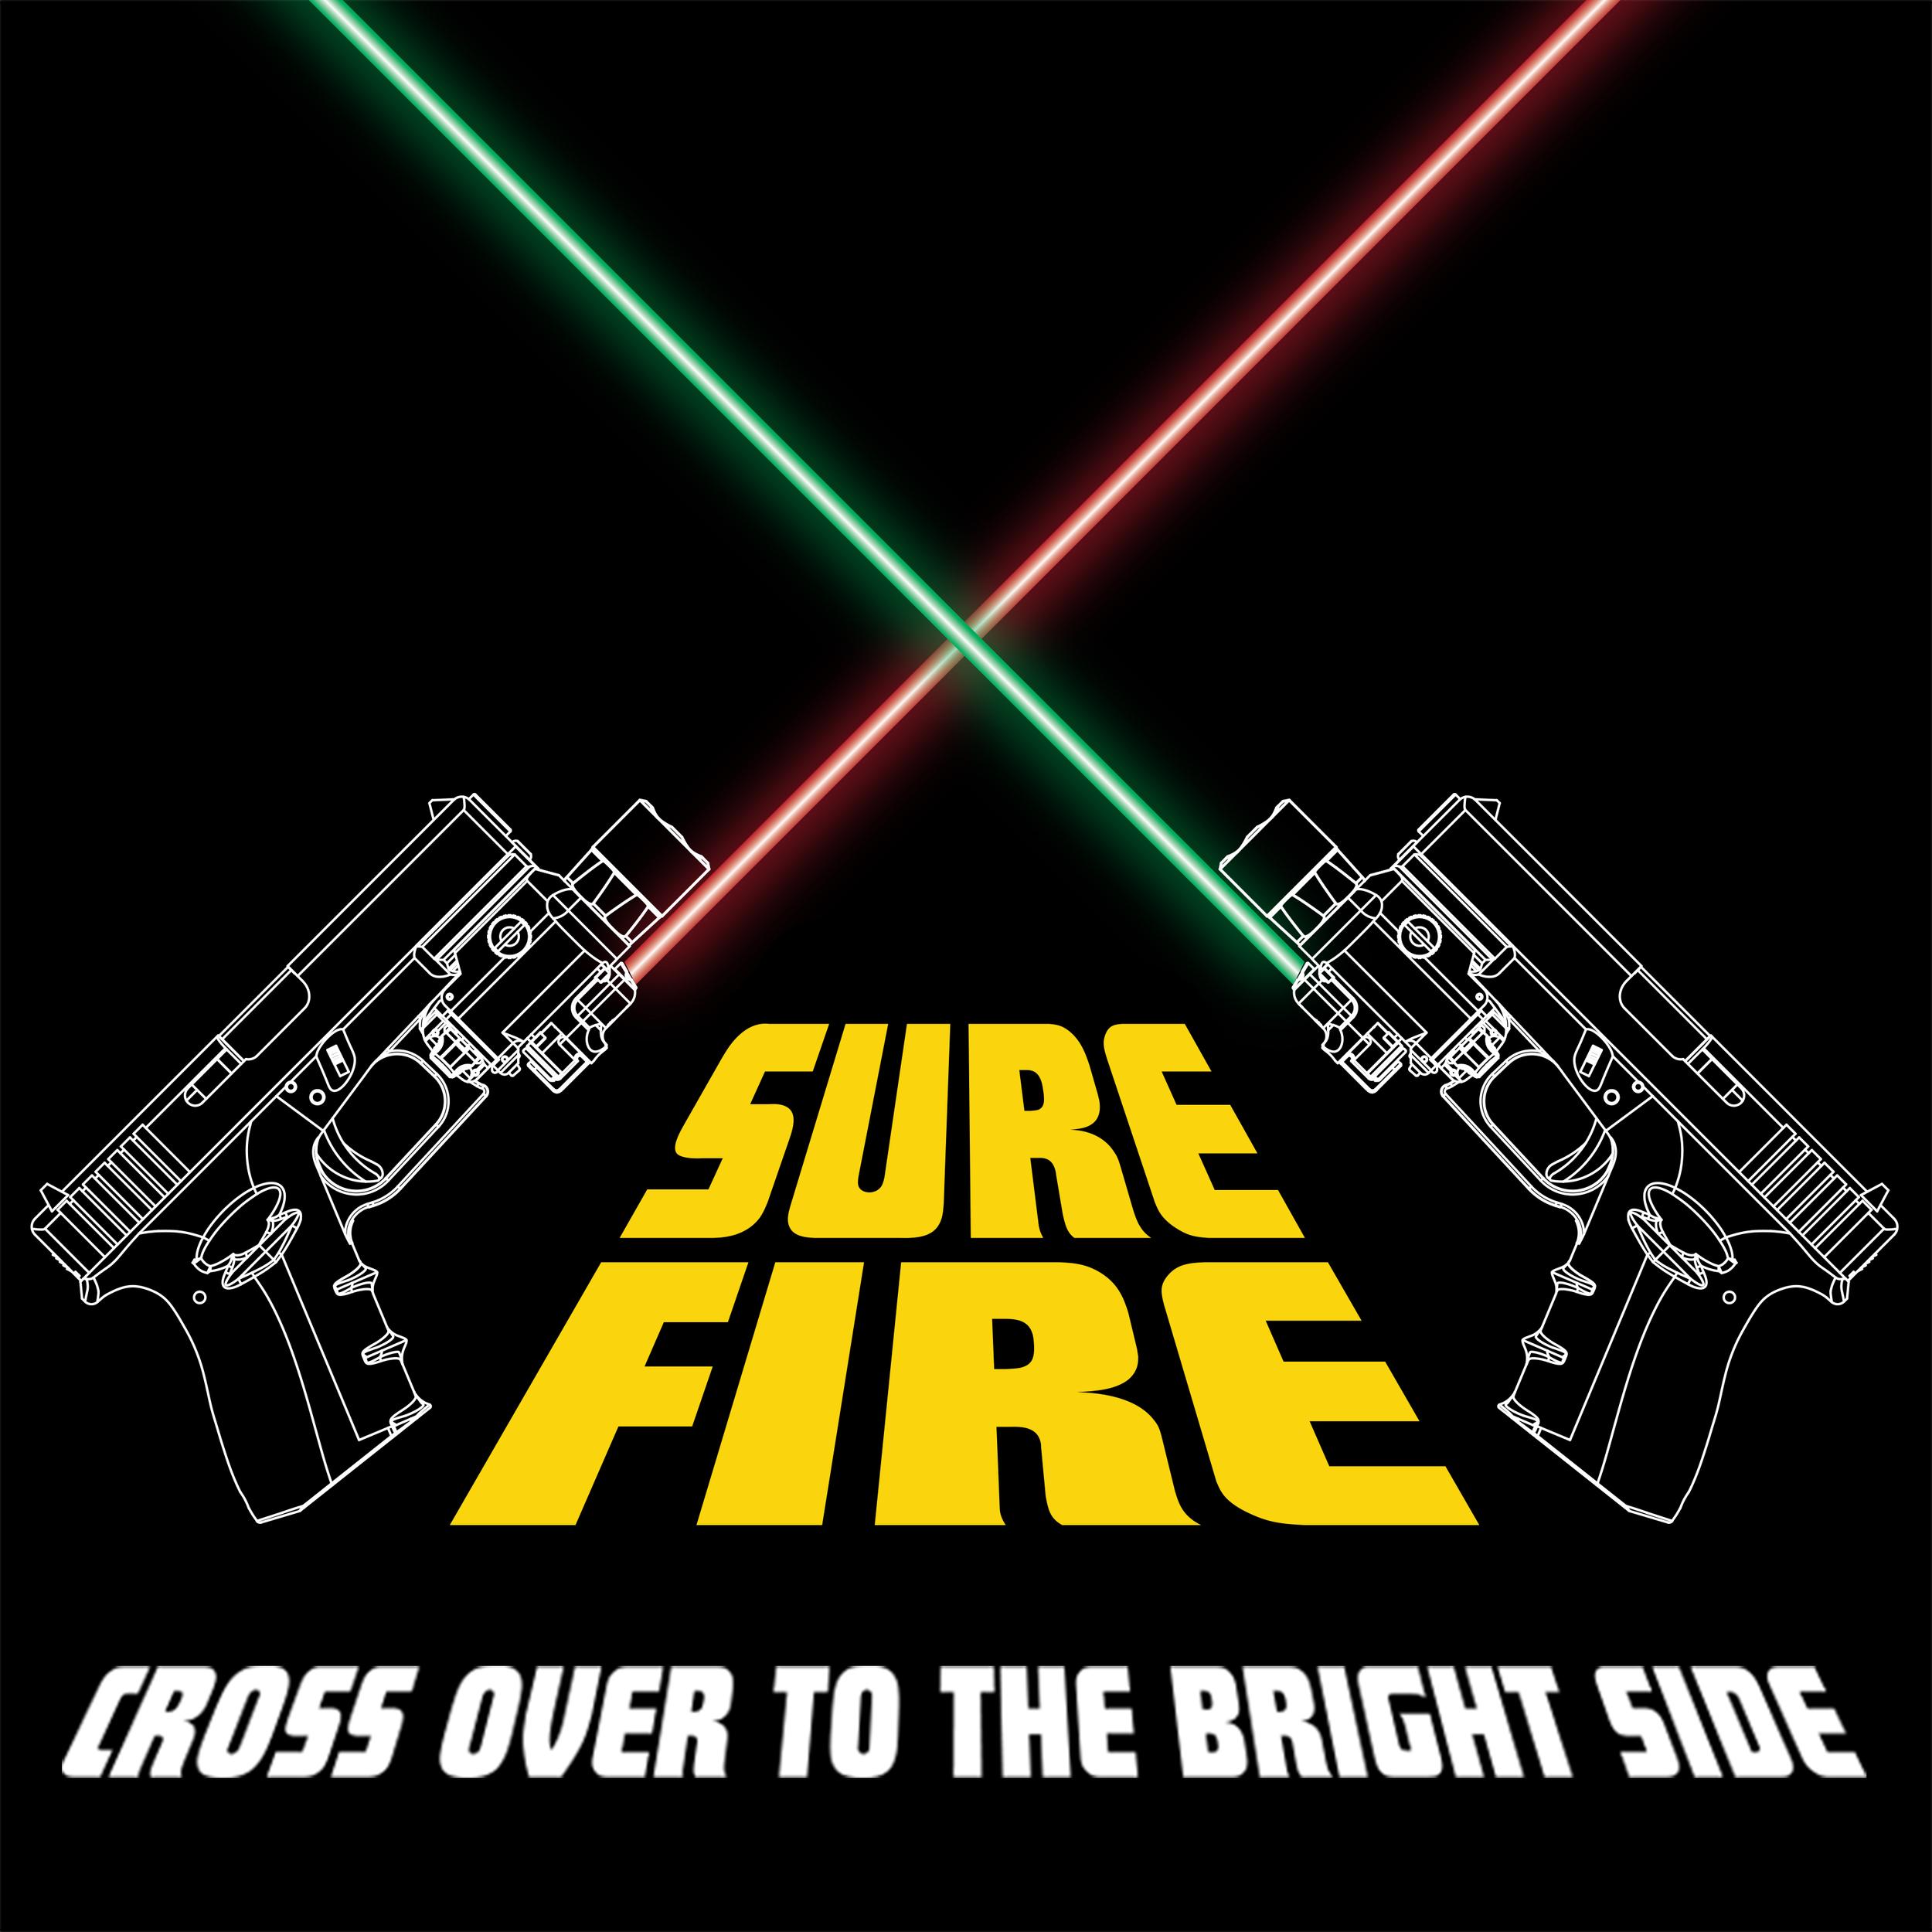 Star-Wars-crossed.jpg